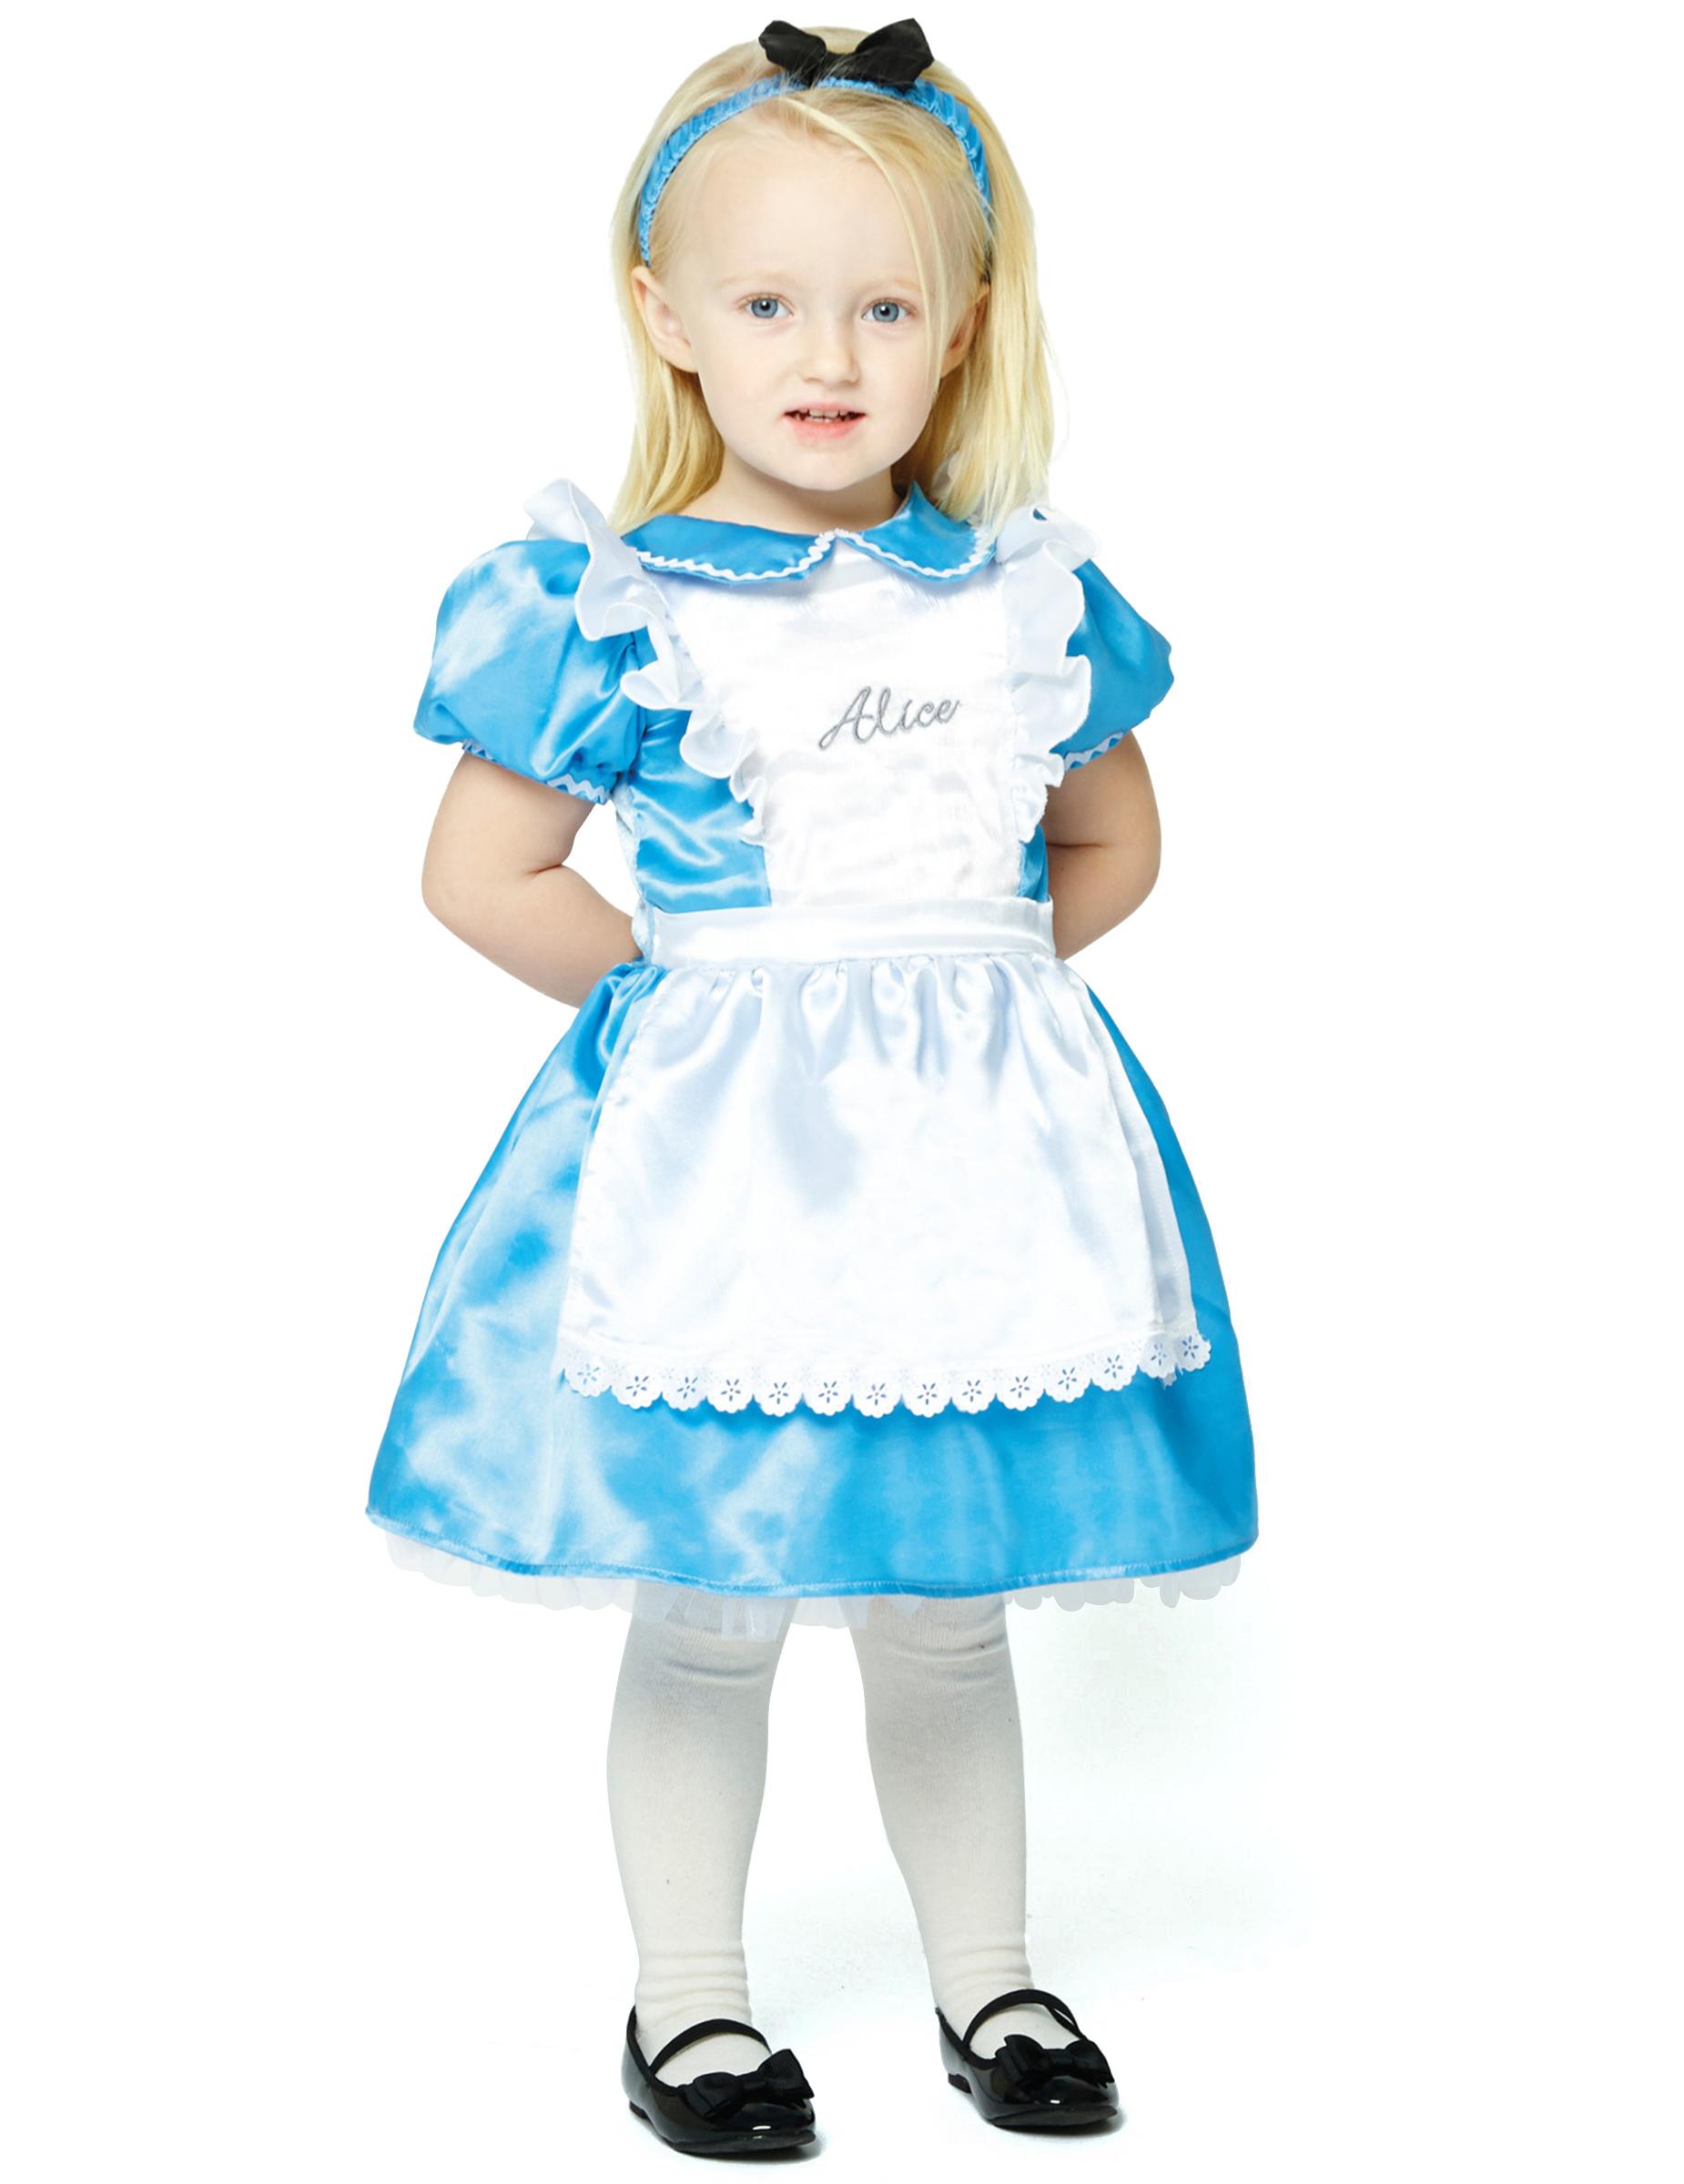 alice im wunderland kostum fur kleinkinder karneval blau weiss